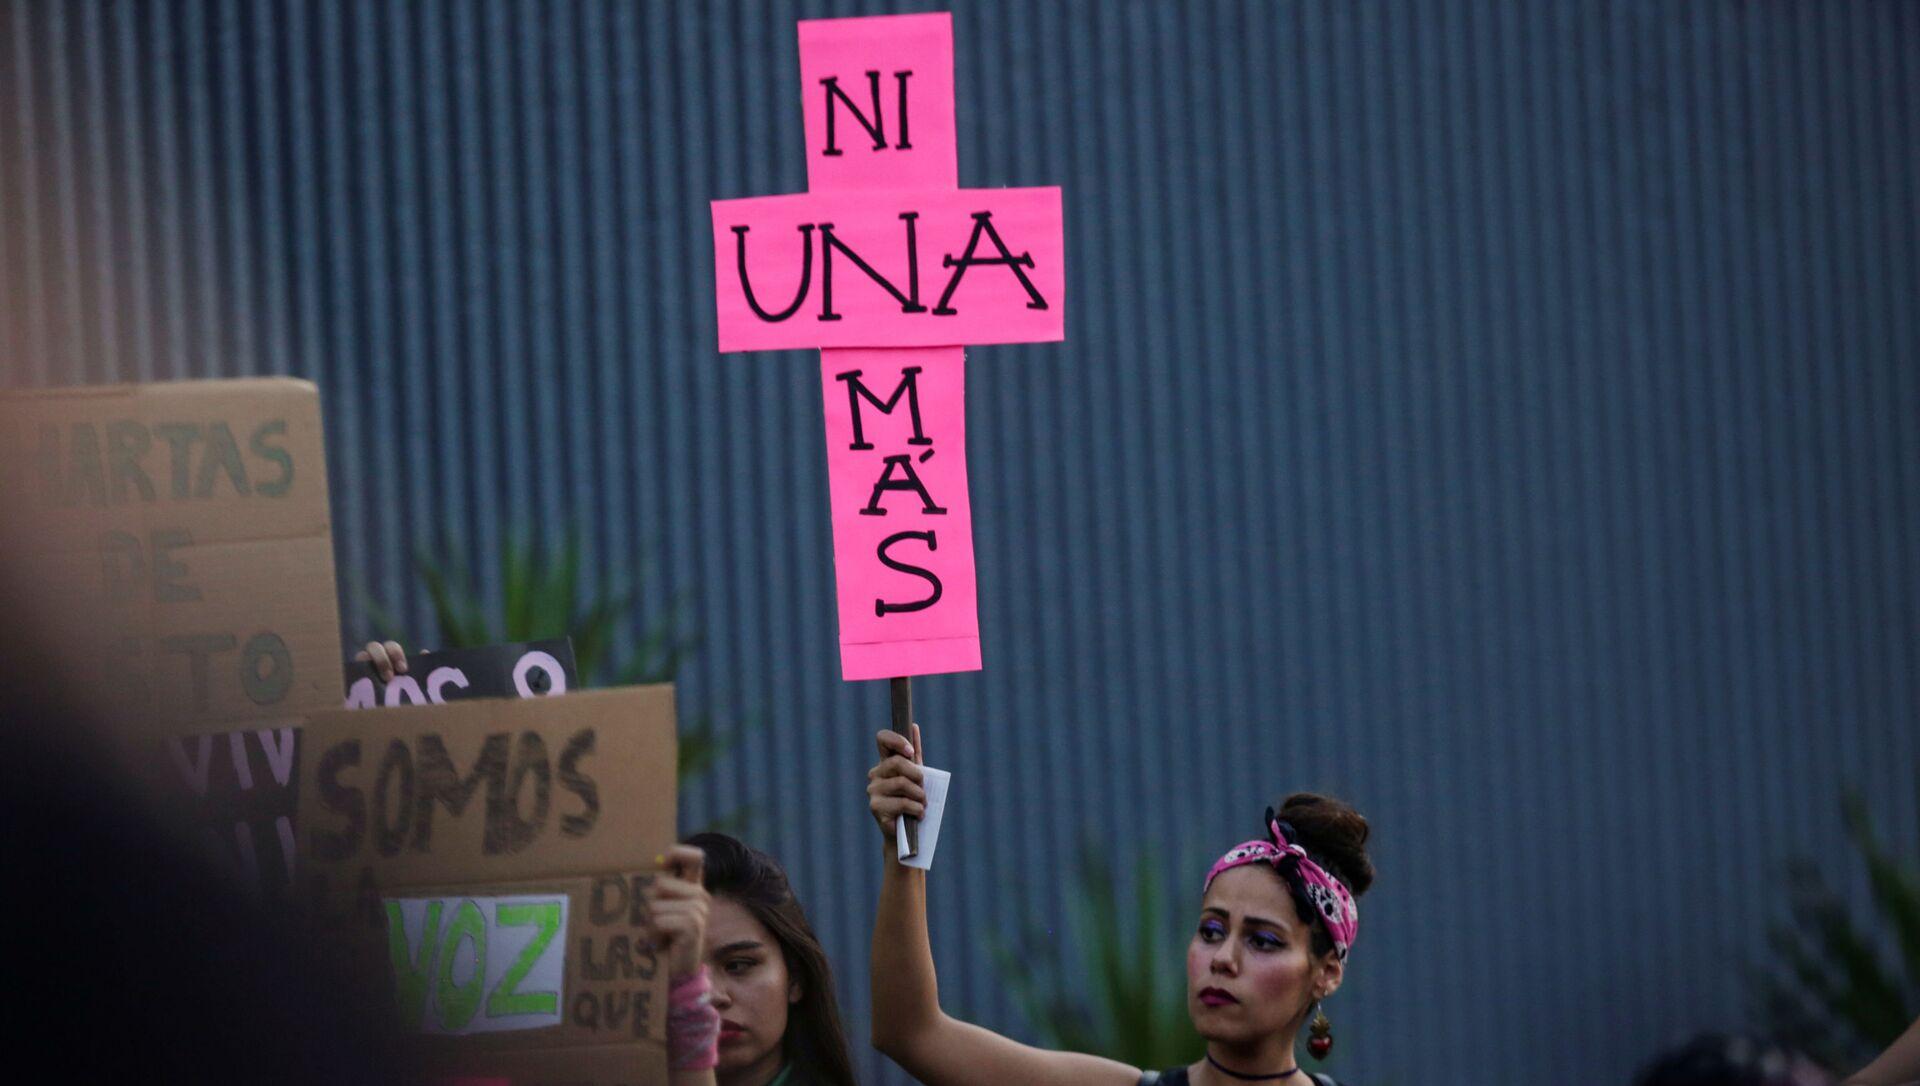 Manifestación en México contra la violencia hacia las mujeres - Sputnik Mundo, 1920, 21.08.2019